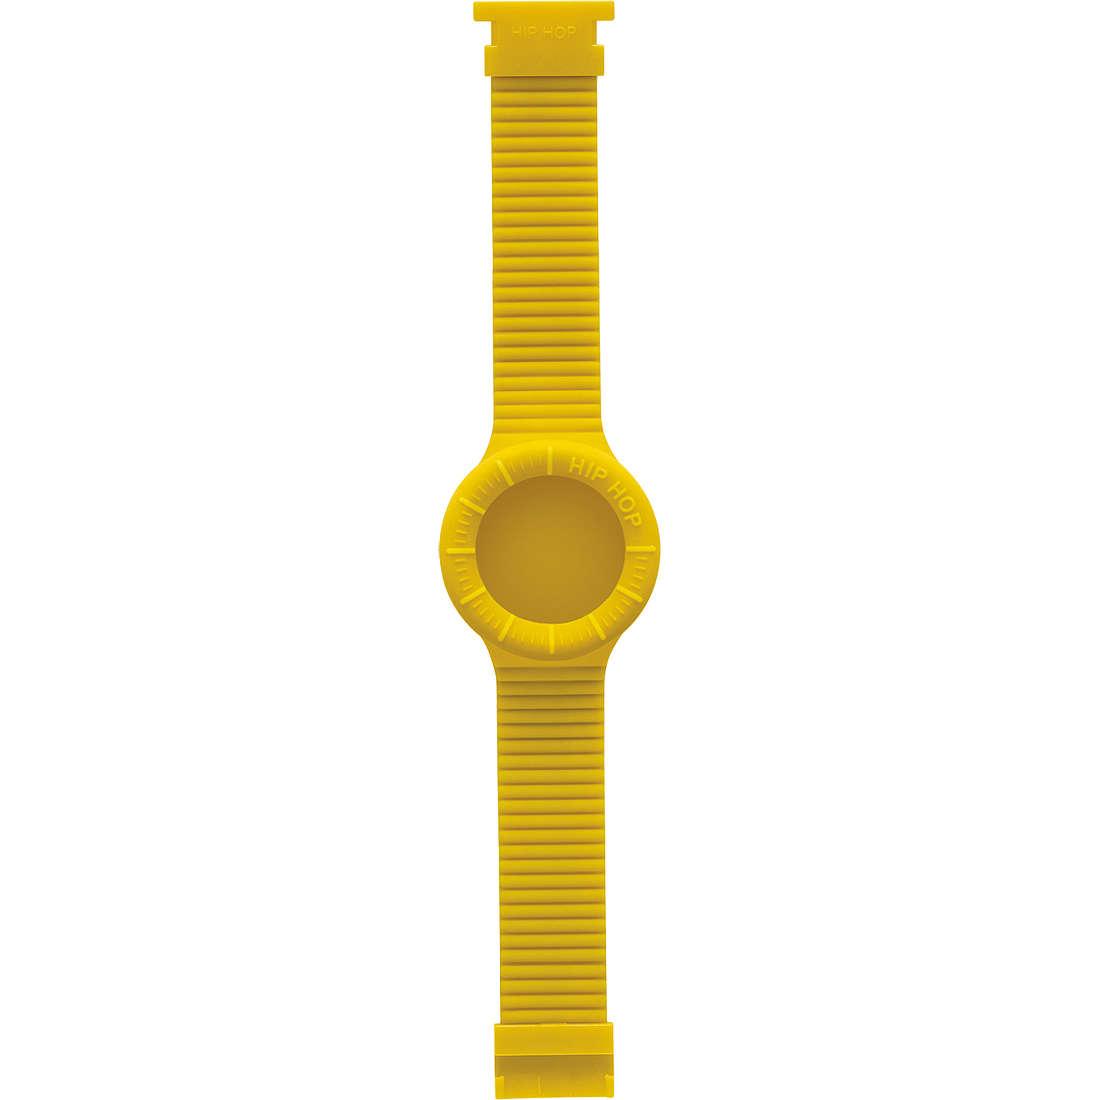 montre bracelet montre unisex Hip Hop Multifunzione HBU0181